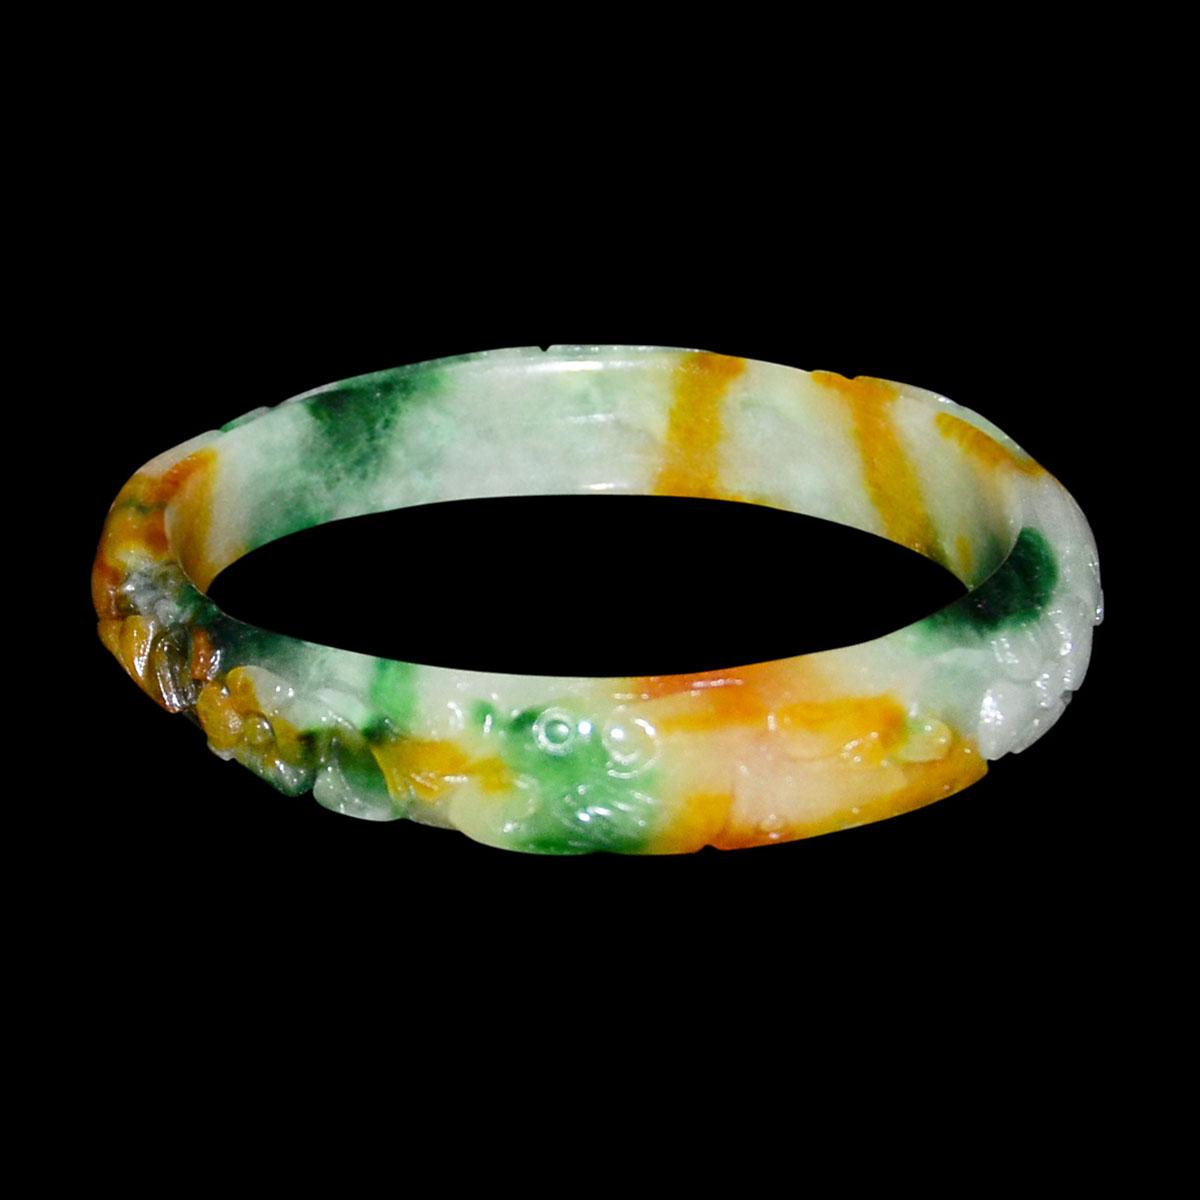 Lot 15 - 冰種翡翠福祿壽三色精雕花卉玉鐲 Glass Jadeite Tri-Color Bracelet Carved on the Exterior Floral Blooms. Diameter: